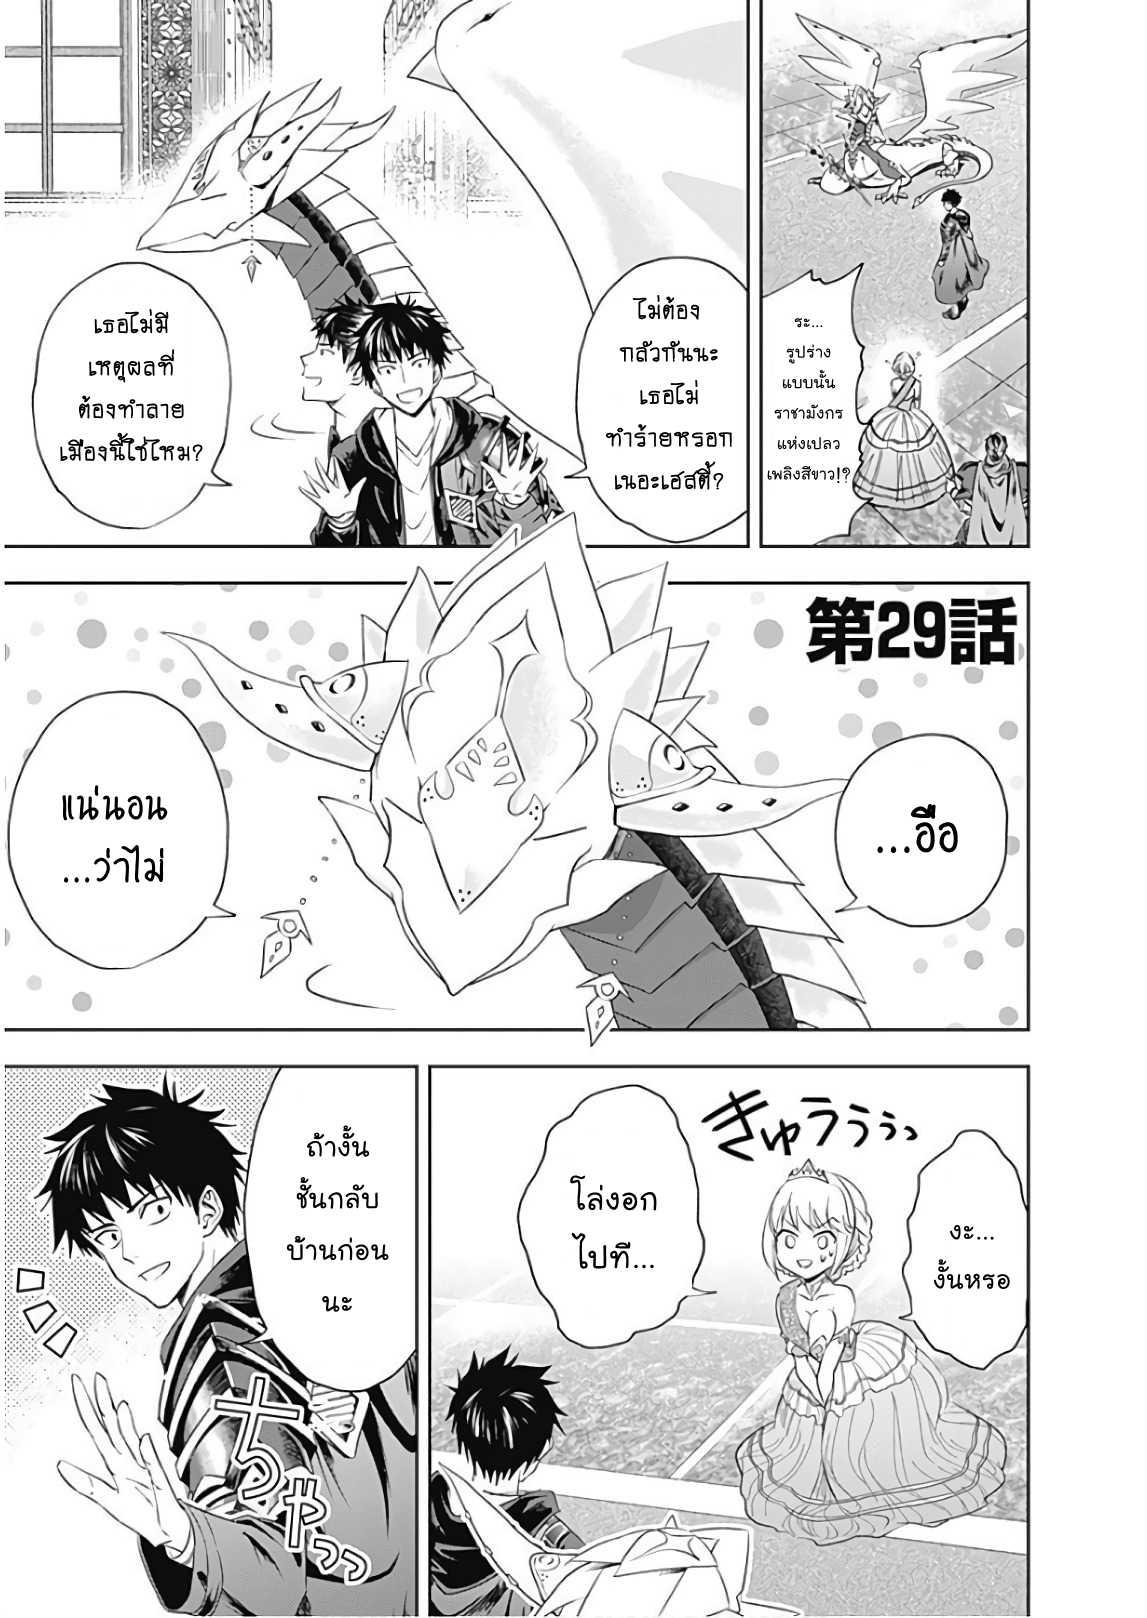 Ore no Ie ga Maryoku Spot datta Ken - Sundeiru dake de Sekai Saikyou-ตอนที่ 29